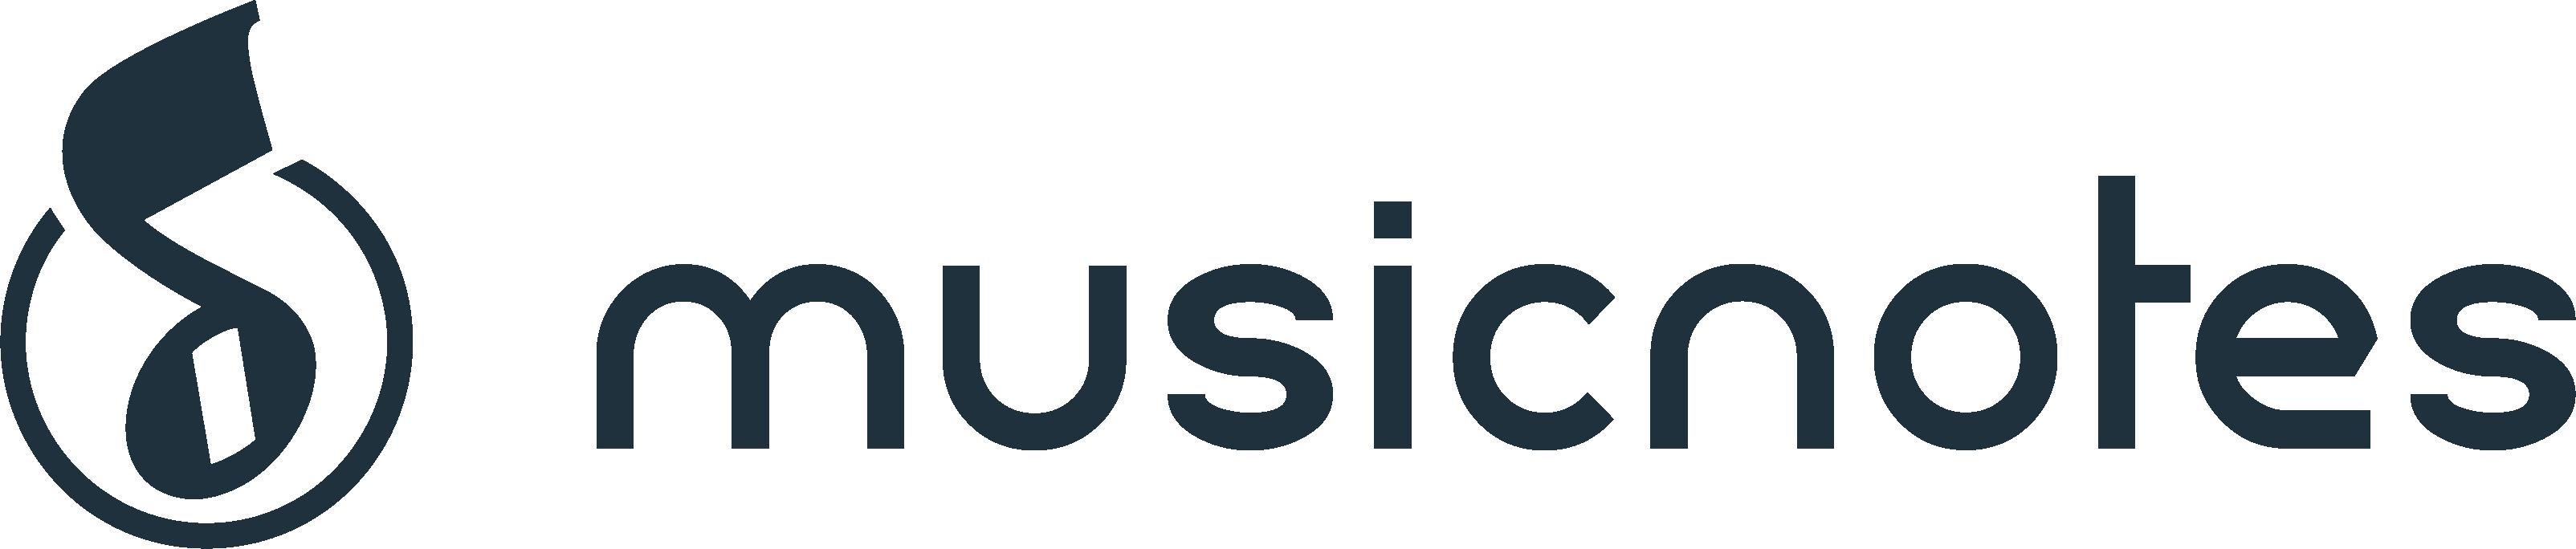 Musicnotes Inc logo